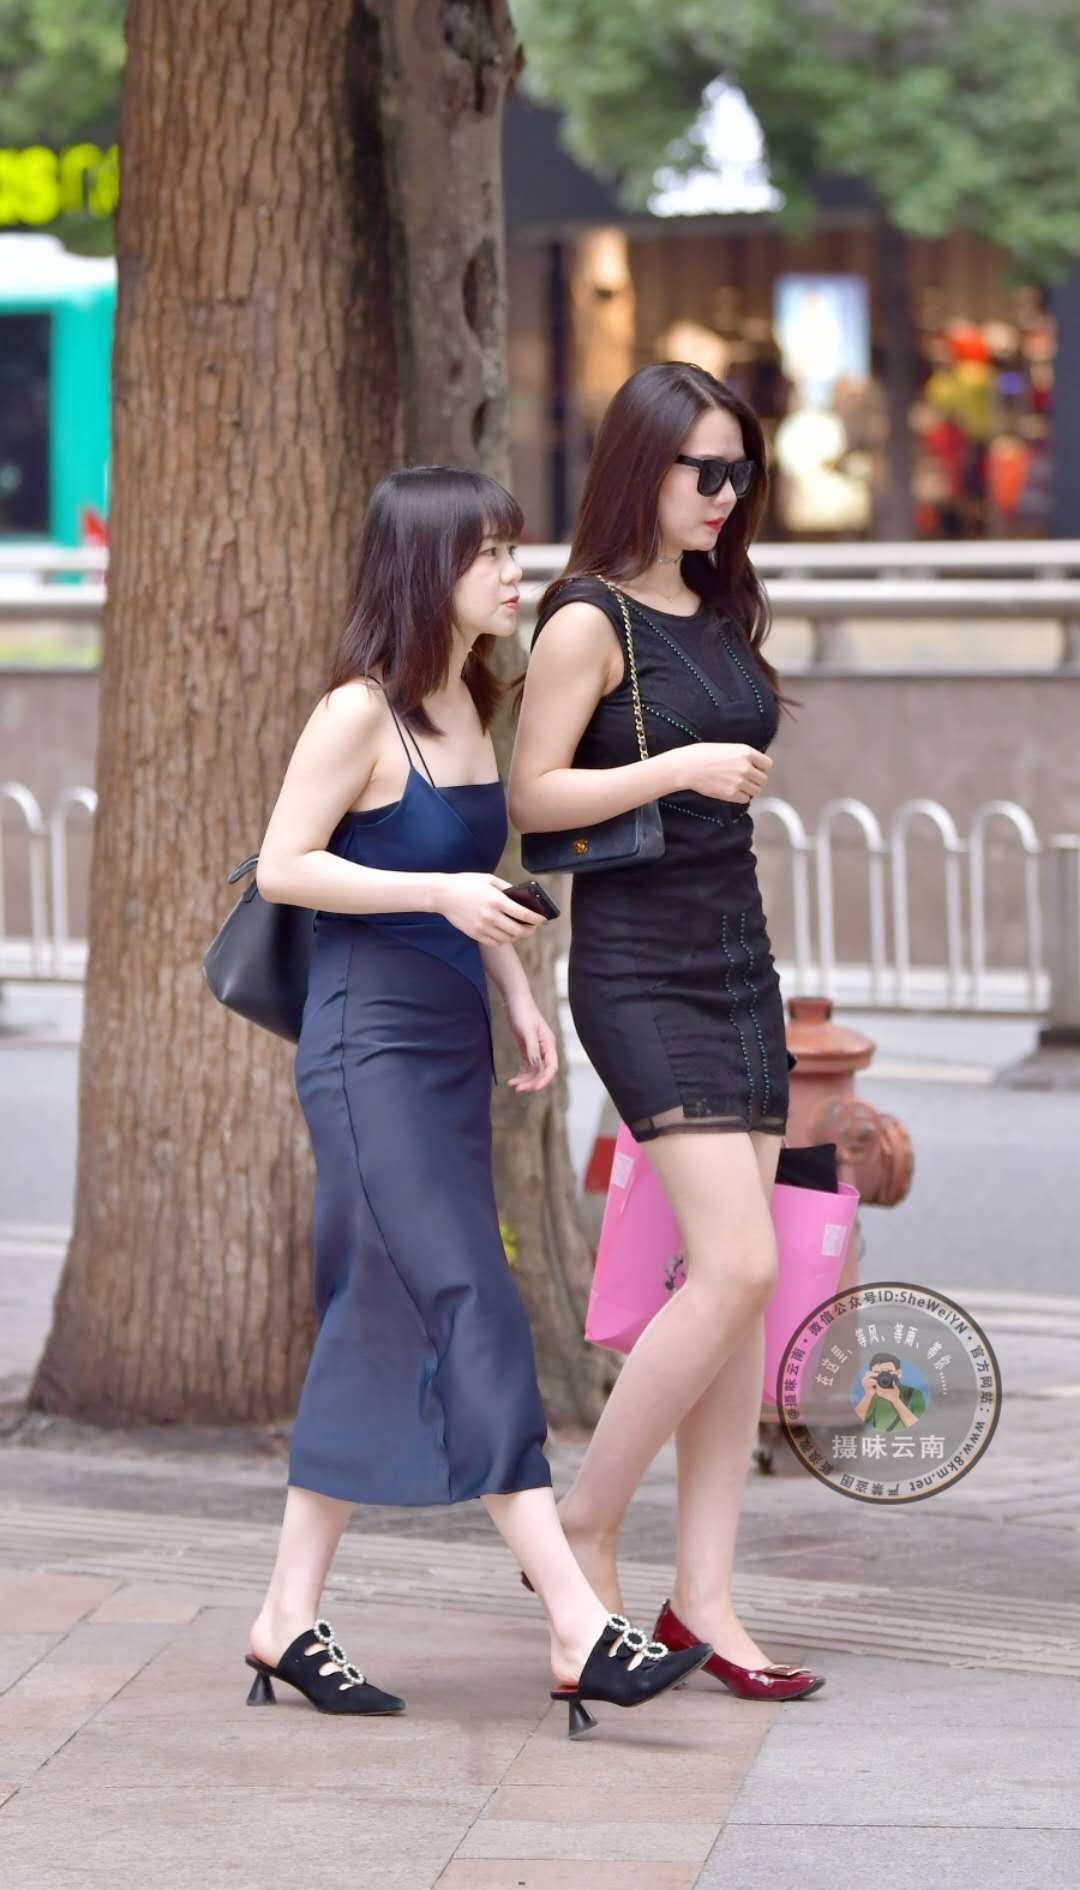 街拍:小姐姐和闺蜜初秋出街,一袭黑色连衣裙性感优雅